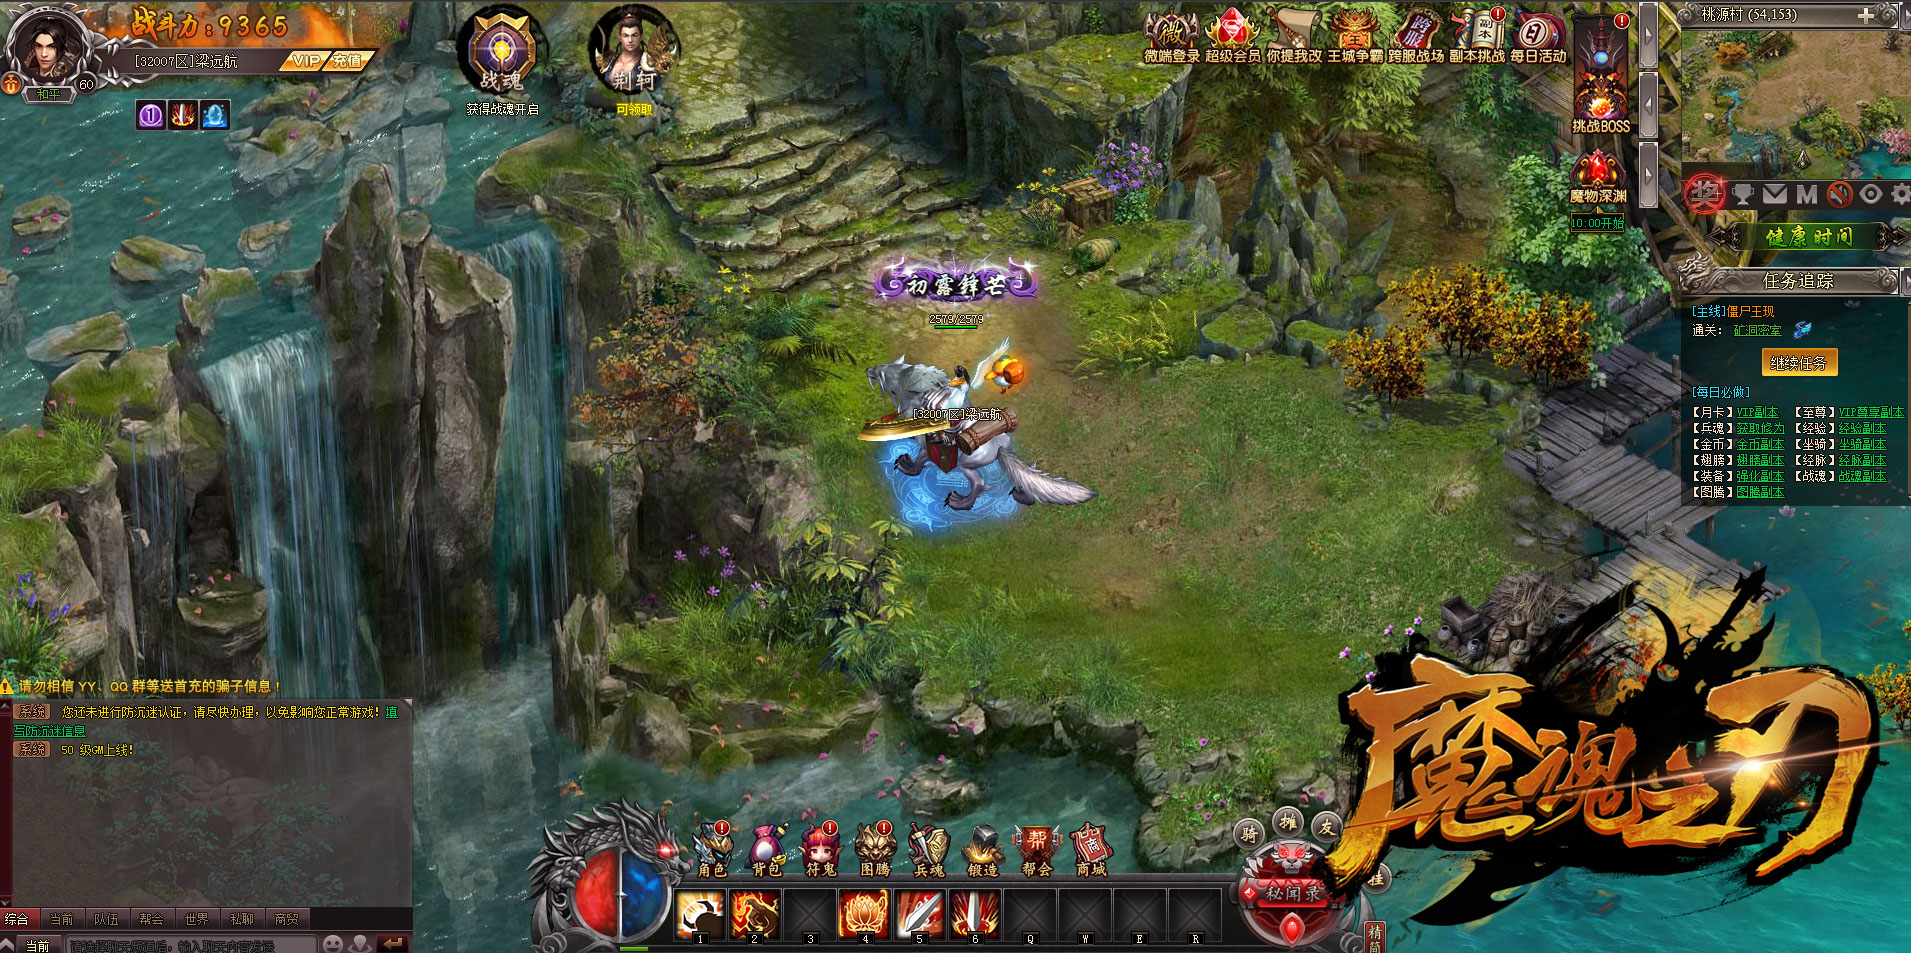 《魔魂之刃》游戏截图